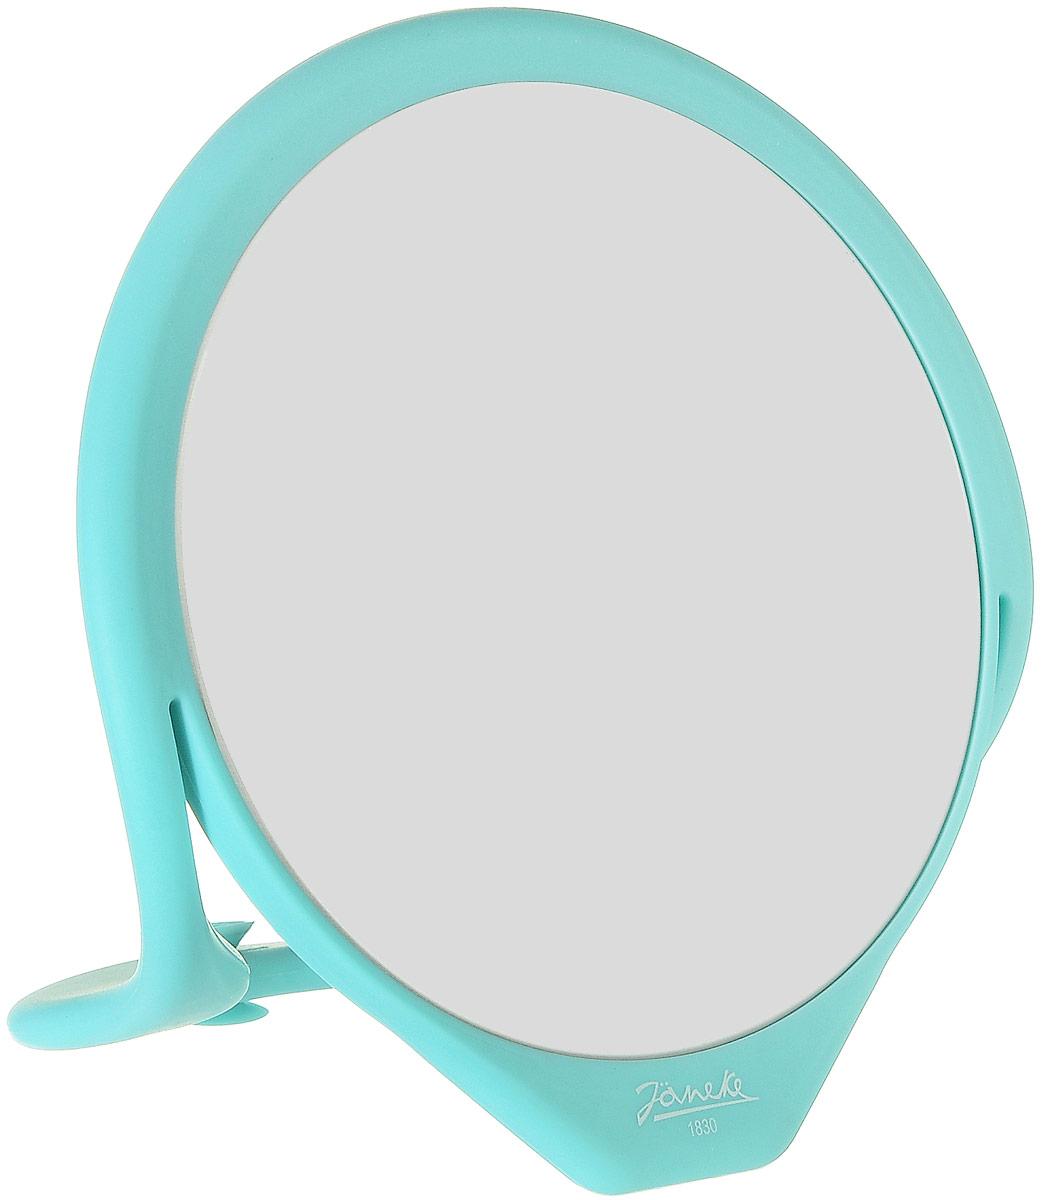 Janeke Зеркало настольное, 10445 TSE808608Марка Janeke – мировой лидер по производству расчесок, щеток, маникюрных принадлежностей, зеркал и косметичек. Марка Janeke, основанная в 1830 году, вот уже почти 180 лет поддерживает непревзойденное качество своей продукции, сочетая новейшие технологии с традициями ста- рых миланских мастеров. Все изделия на 80% производятся вручную, а инновационные технологии и современные материалы делают продукцию марки поистине уникальной. Стильный и эргономичный дизайн, яркие цветовые решения – все это приносит истин- ное удовольствие от использования аксессуаров Janeke. Зеркала для дома итальянской марки Janeke, изготовленные из высококачественных материалов и выполненные в оригинальном стильном дизайне, дополнят любой интерьер. Односторонние или двусторонние, с увеличением и без, на красивых и удобных подс- тавках – зеркала Janeke прослужат долго и доставят истинное удо- вольствие от использования